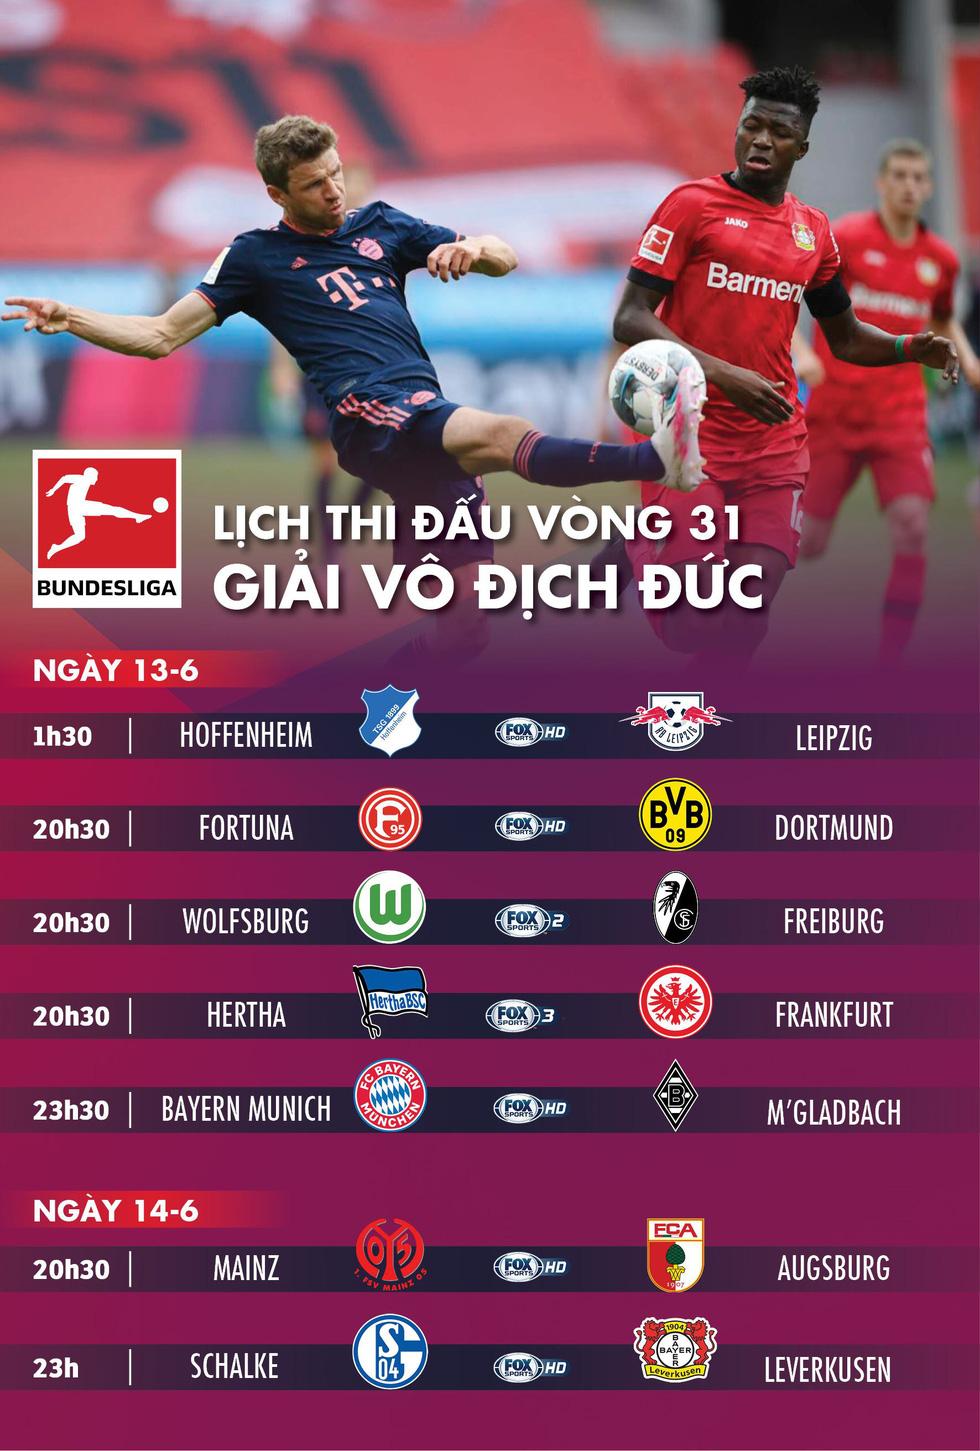 Lịch trực tiếp vòng 31 Bundesliga cuối tuần này - Ảnh 1.